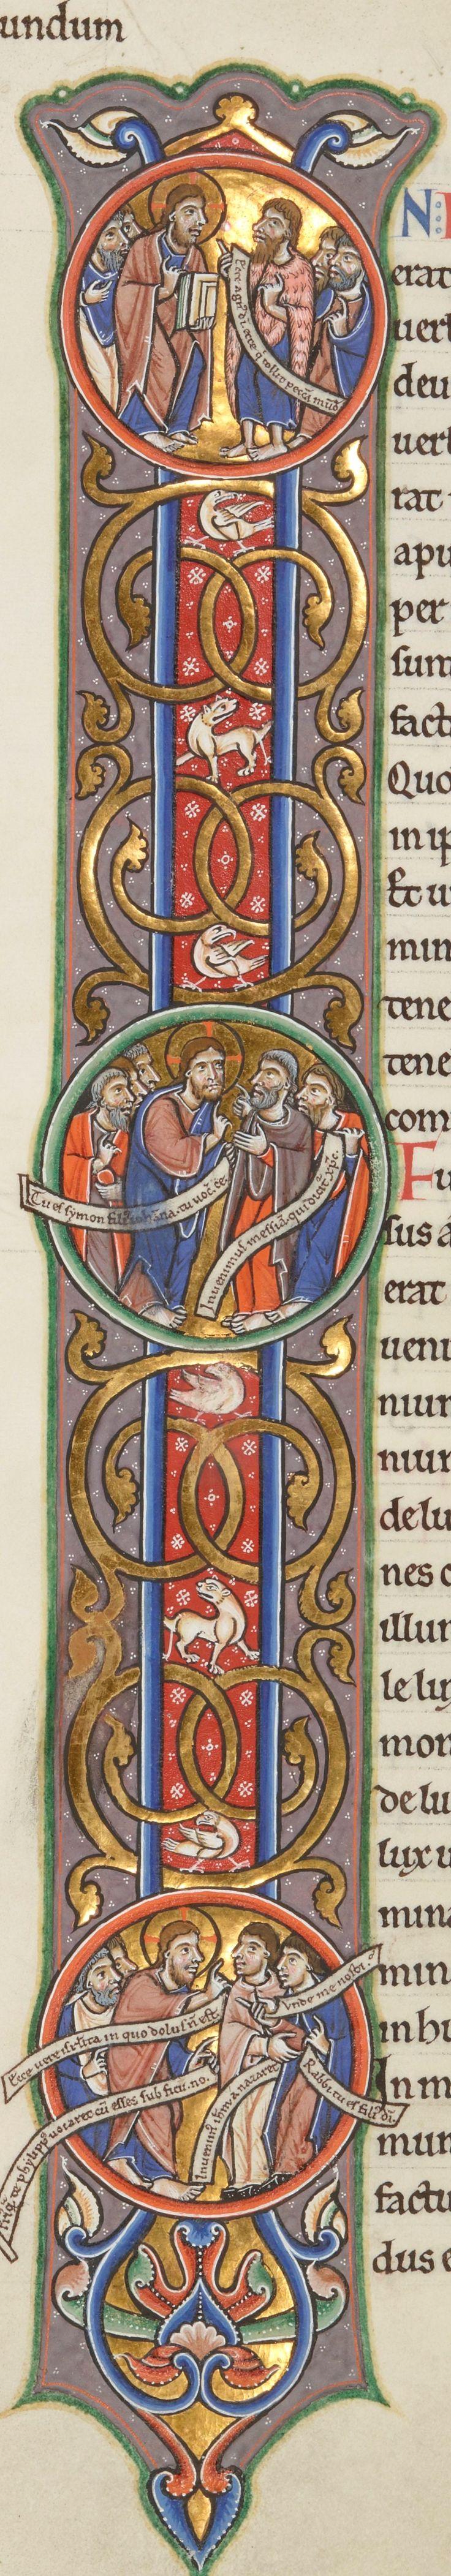 Bible. Bible. Date d'édition : 1150-1200 Date d'édition : 1150-1200 Type : manuscrit Langue : latin Description : Capucins. http://gallica.bnf.fr/ark:/12148/btv1b85144288/f138.item